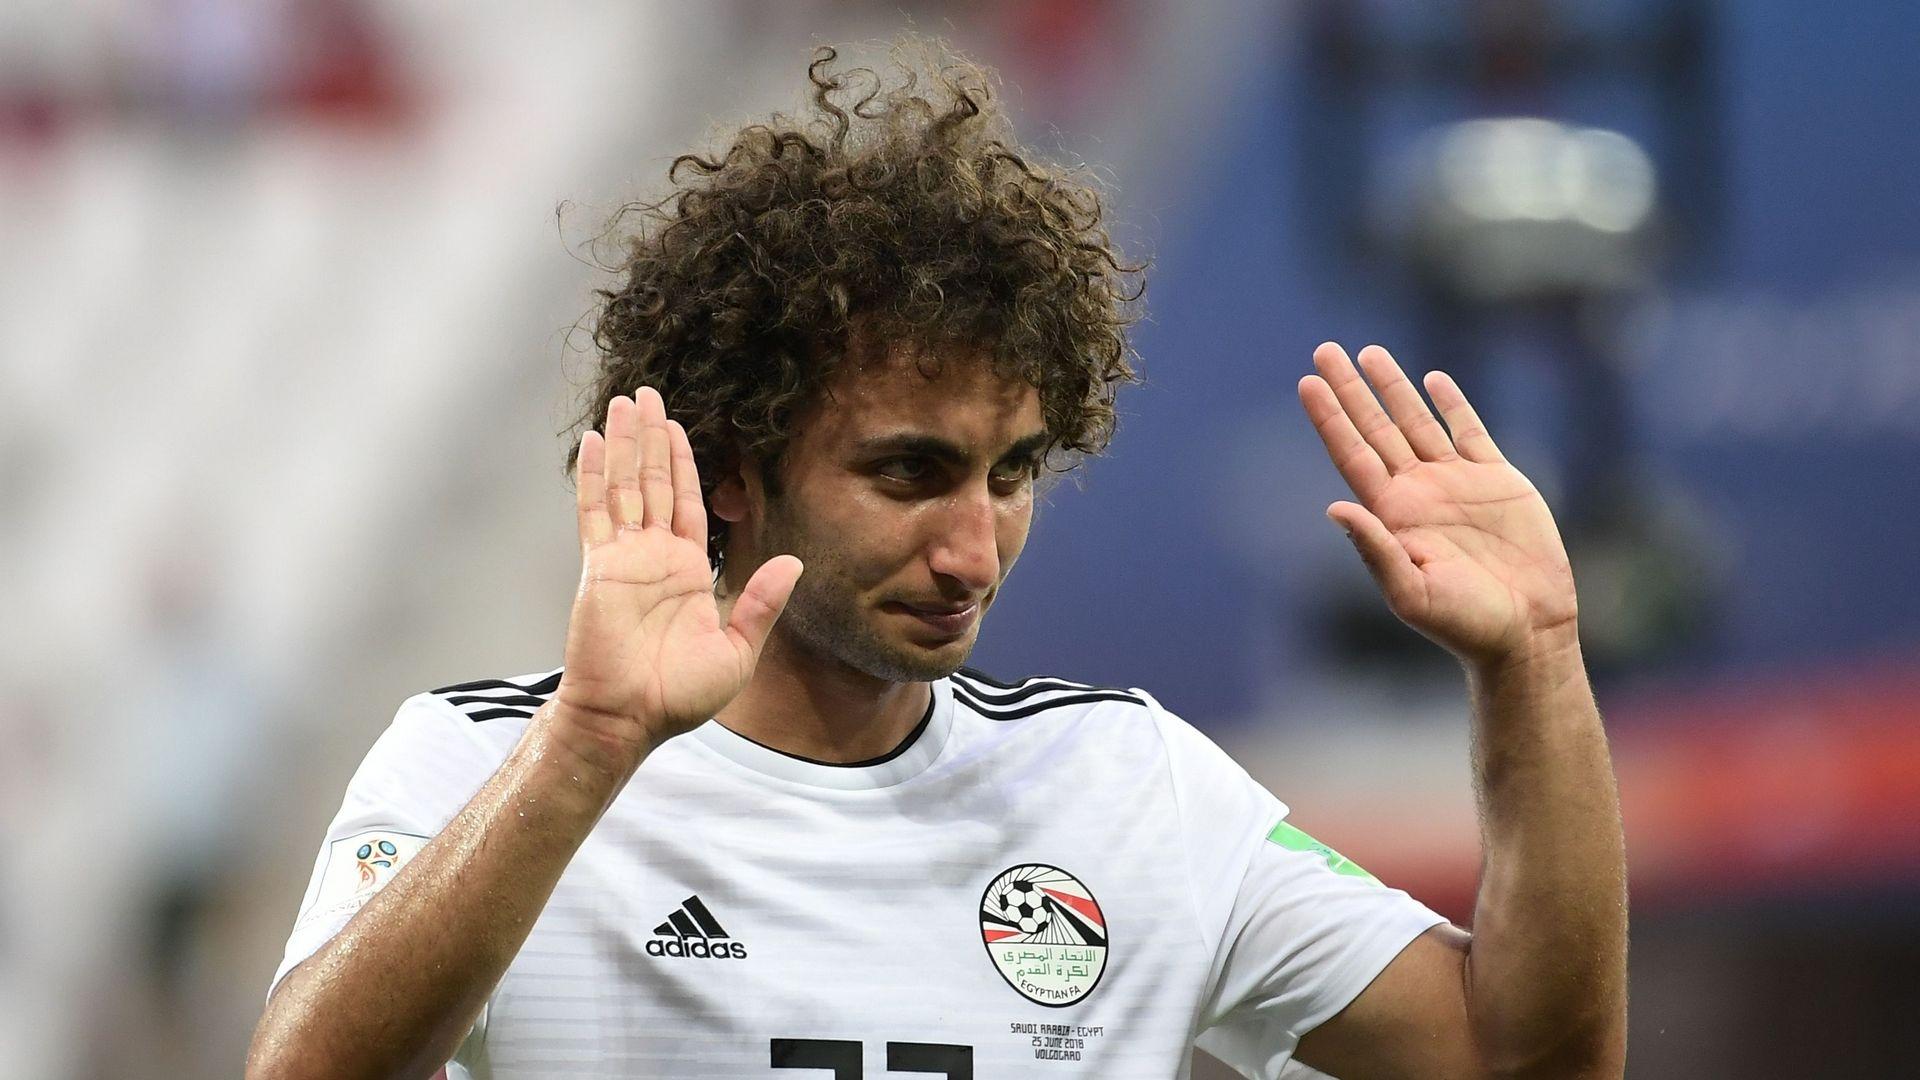 Египетският полузащитник Амр Варда бе отстранен от отбора по дисциплинарни